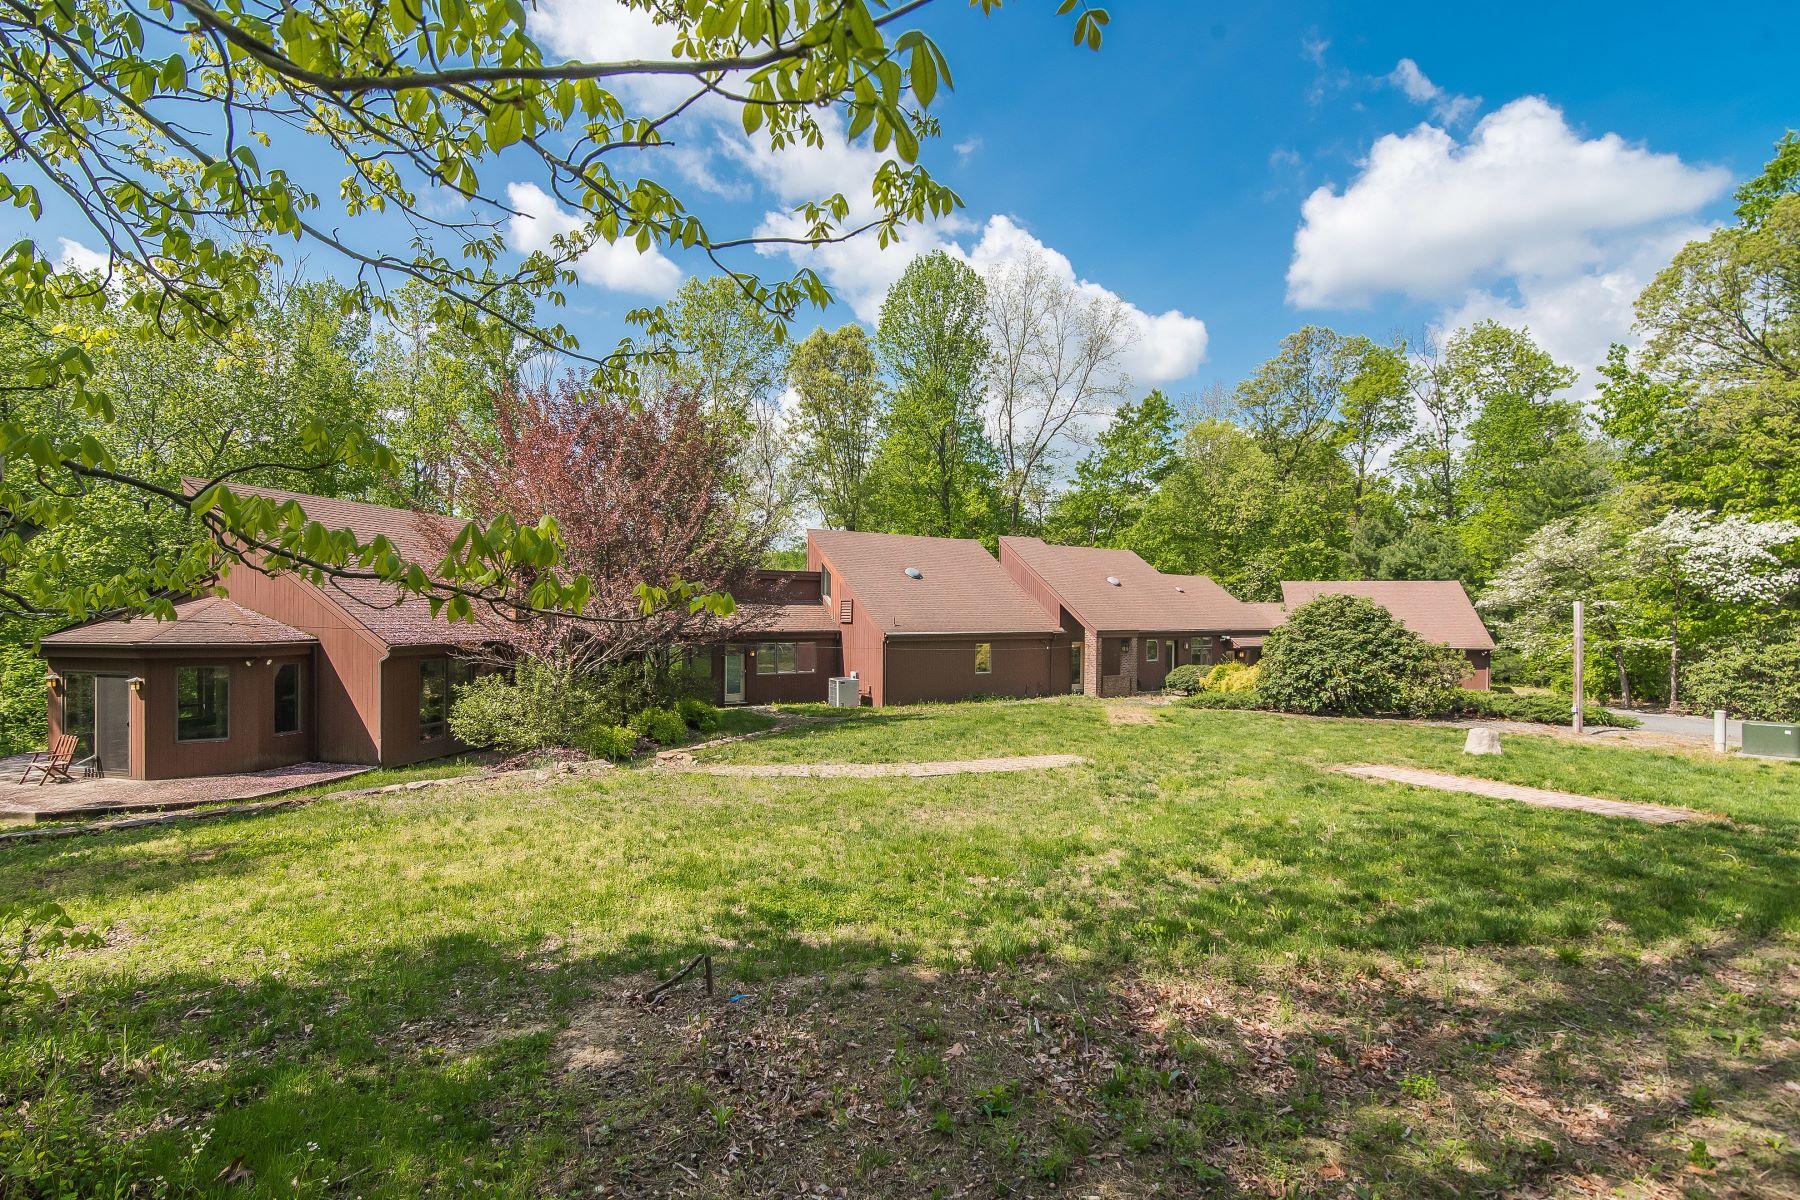 Частный односемейный дом для того Продажа на Pleasant Hill 462 Kirk Road, Elkton, Мэриленд 21921 Соединенные Штаты